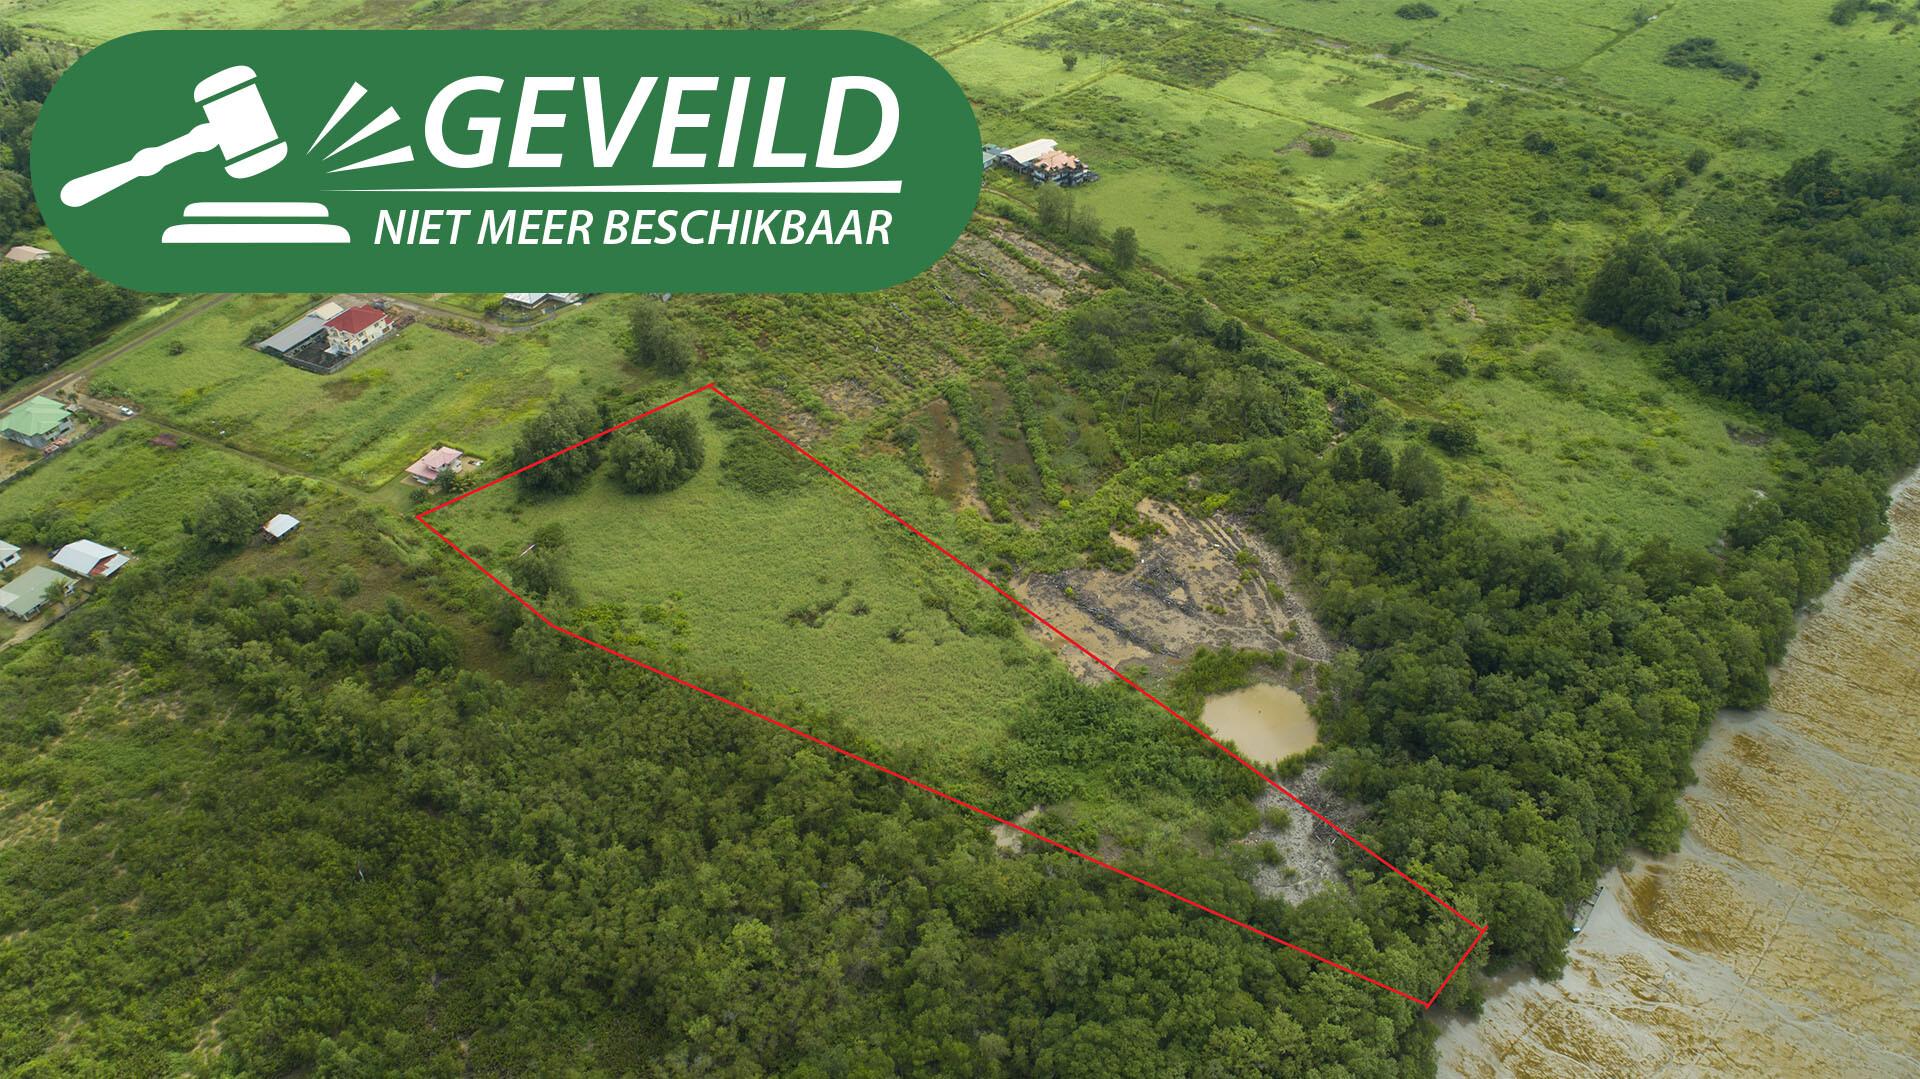 Trommstraat Purmerend 1 - Groot terrein grenzend aan de Surinamerivier - Surgoed Makelaardij NV - Paramaribo, Suriname